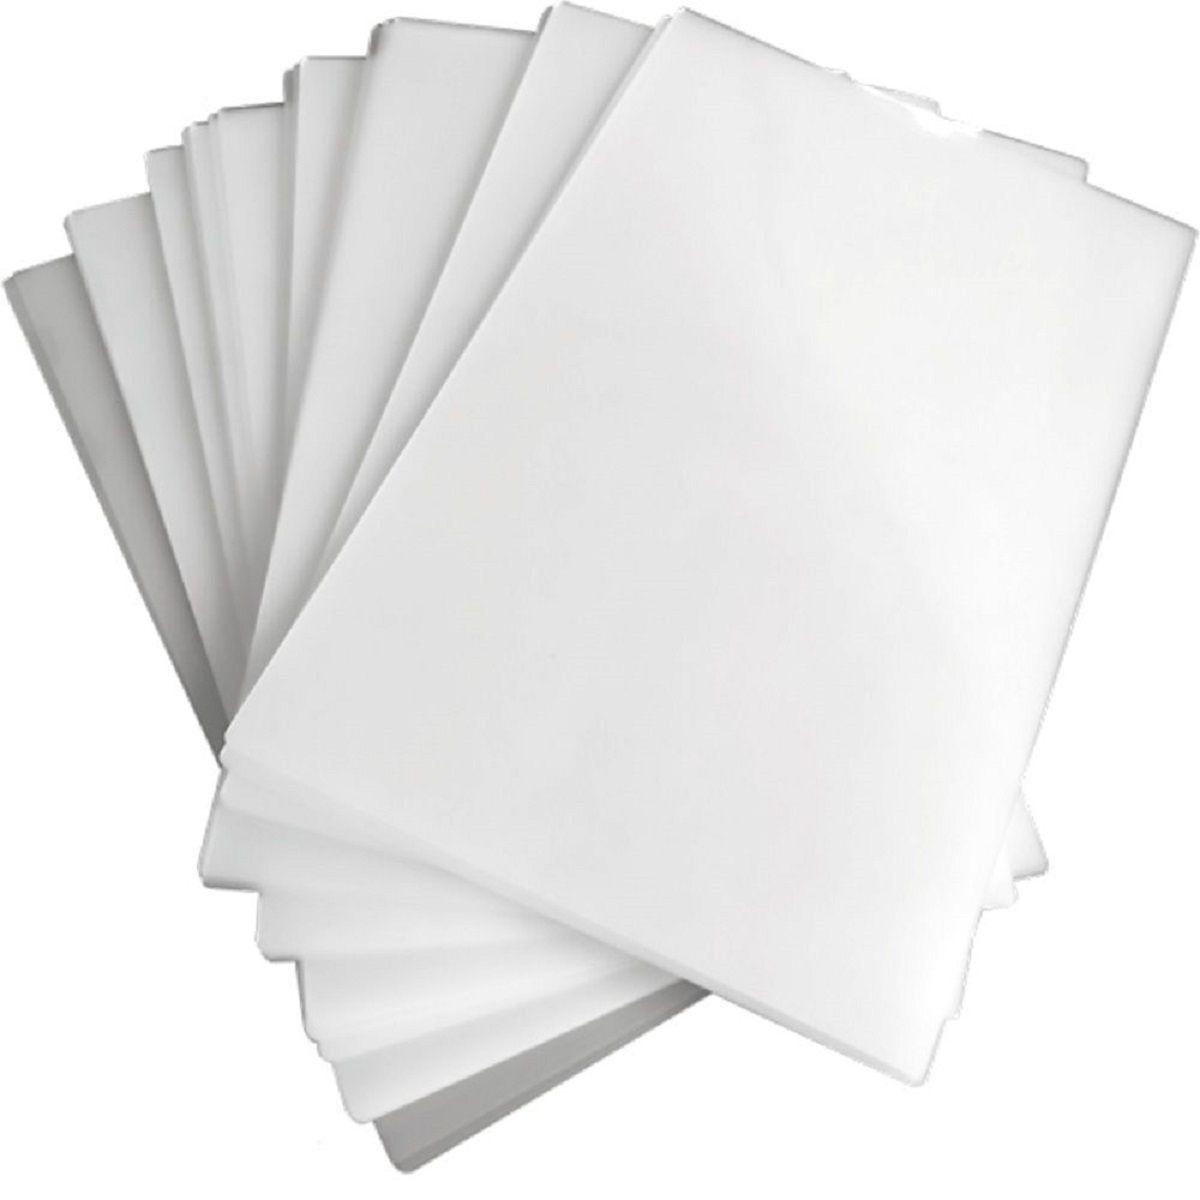 Polaseal para Plastificação A4 220x307x0,10mm (250 micras) - Pacote com 20 Plásticos  - Click Suprimentos